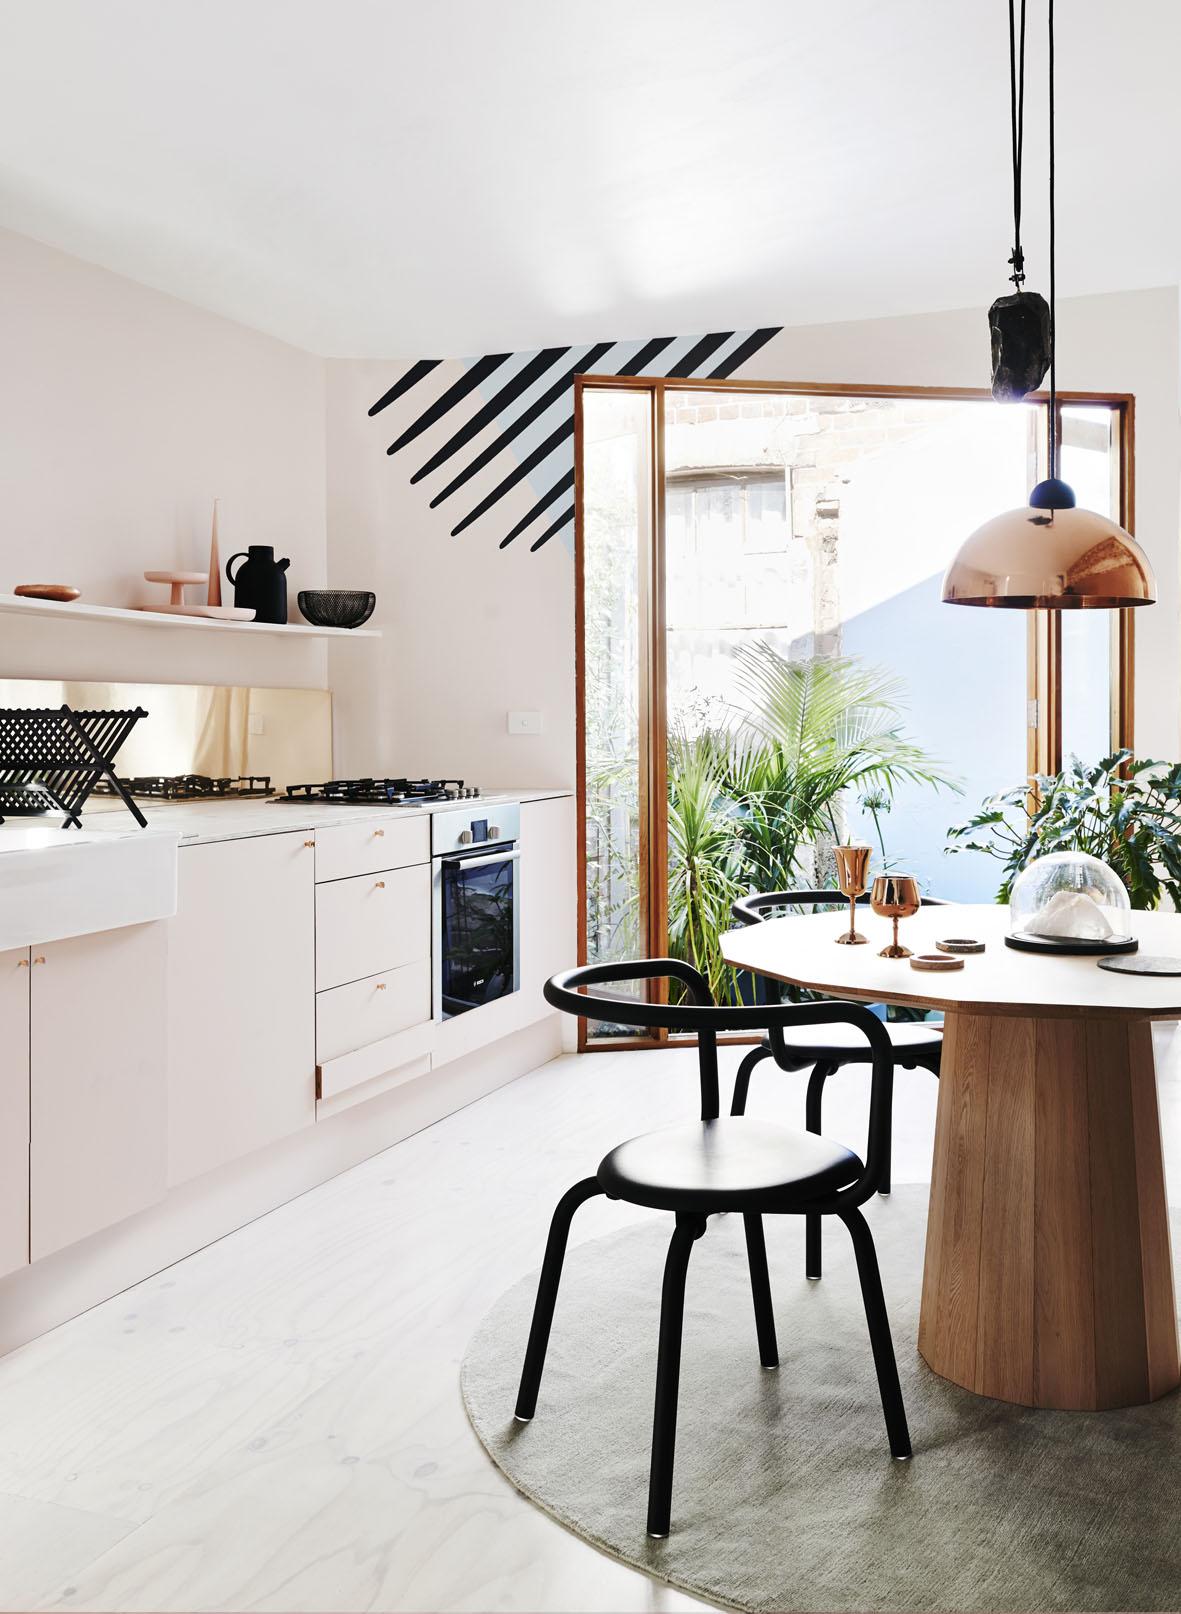 Dulux Arcadia Eclipse Kitchen 2227f FINAL LOWRES.jpg